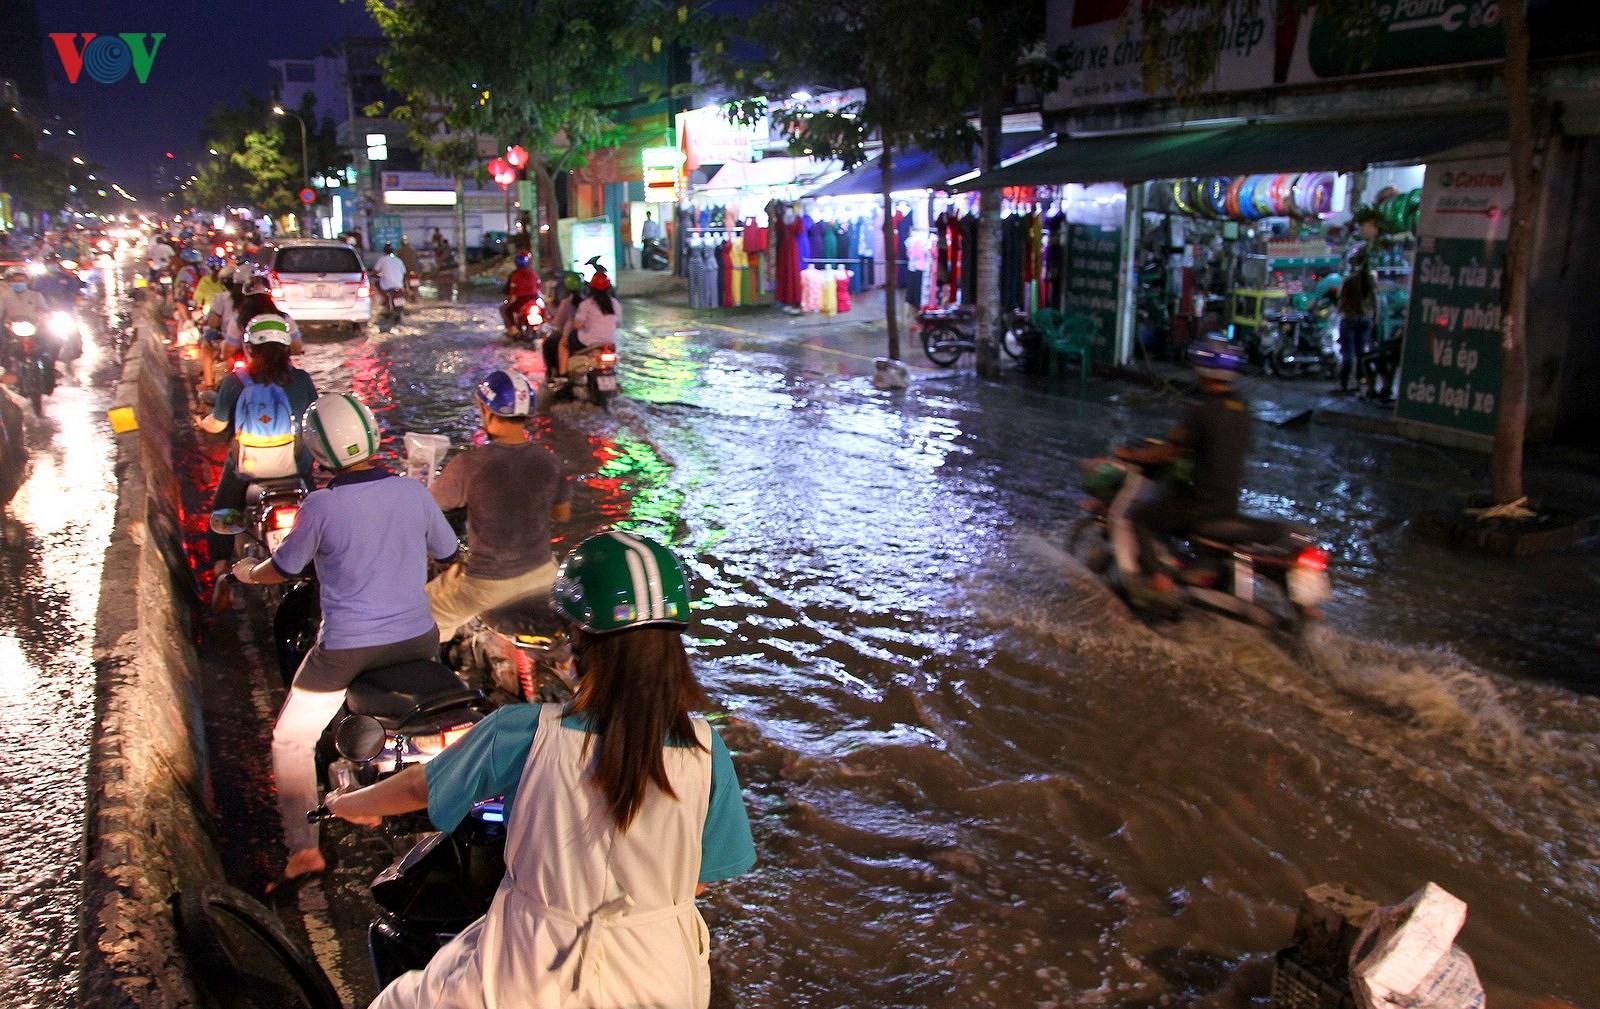 Triều cường lại làm khổ người dân tại TP Hồ Chí Minh Ảnh 2